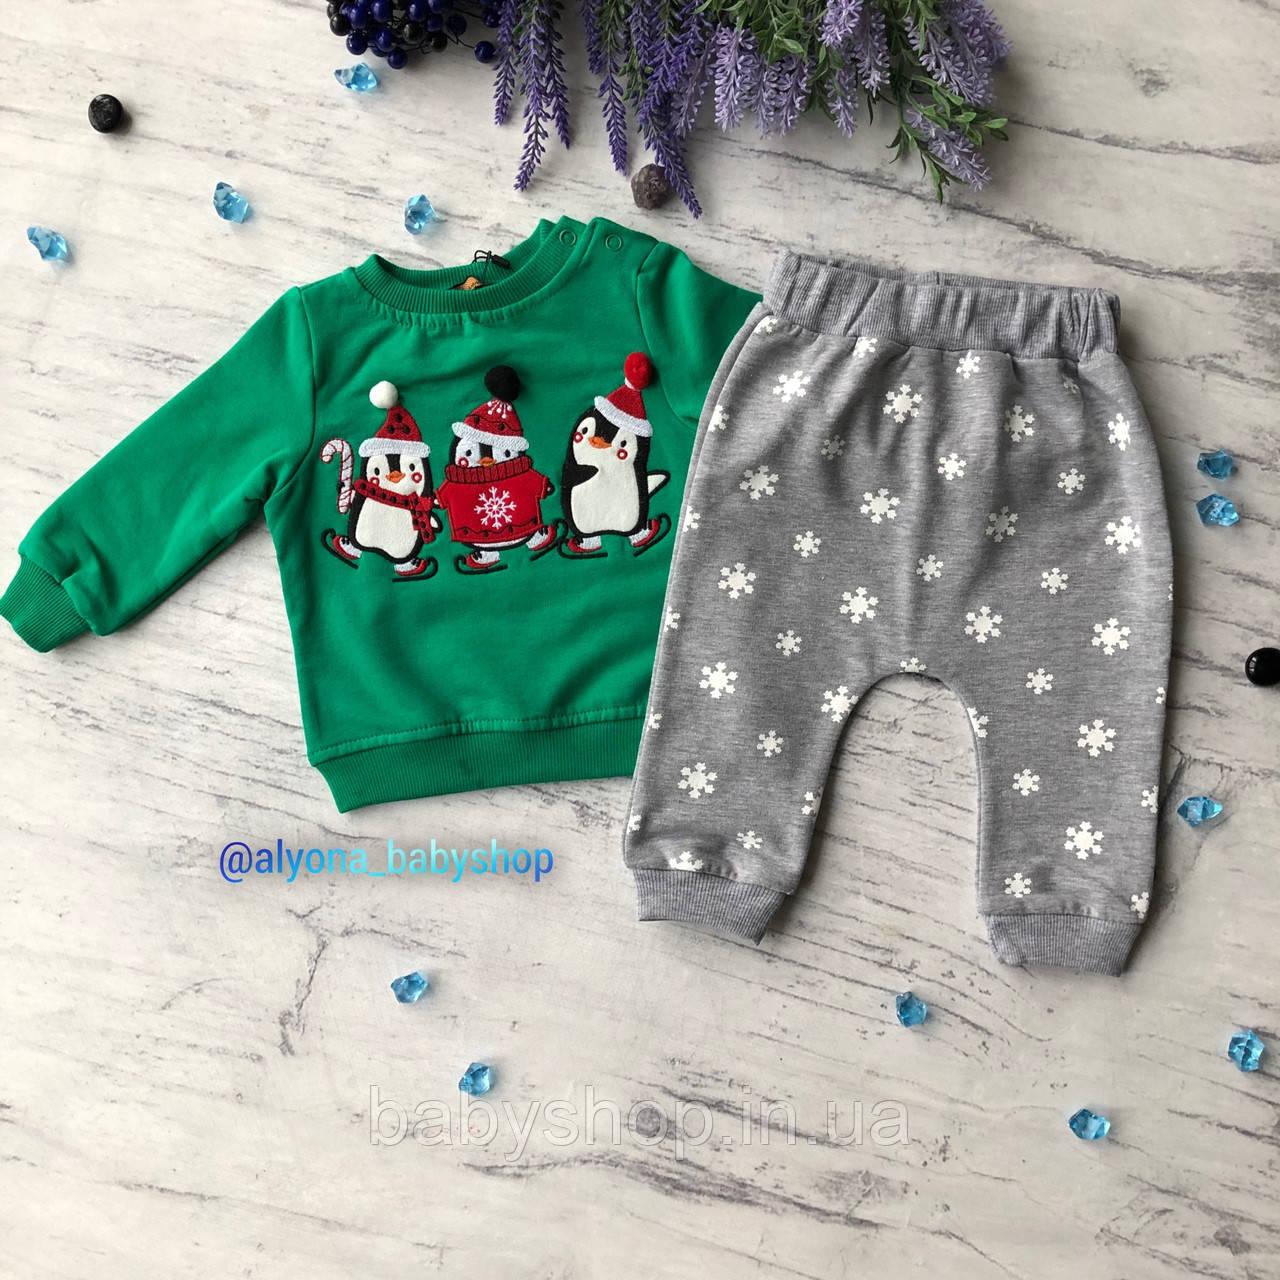 Теплый костюм новогодний на мальчика и девочку 12. Размер  80 см, 86 см